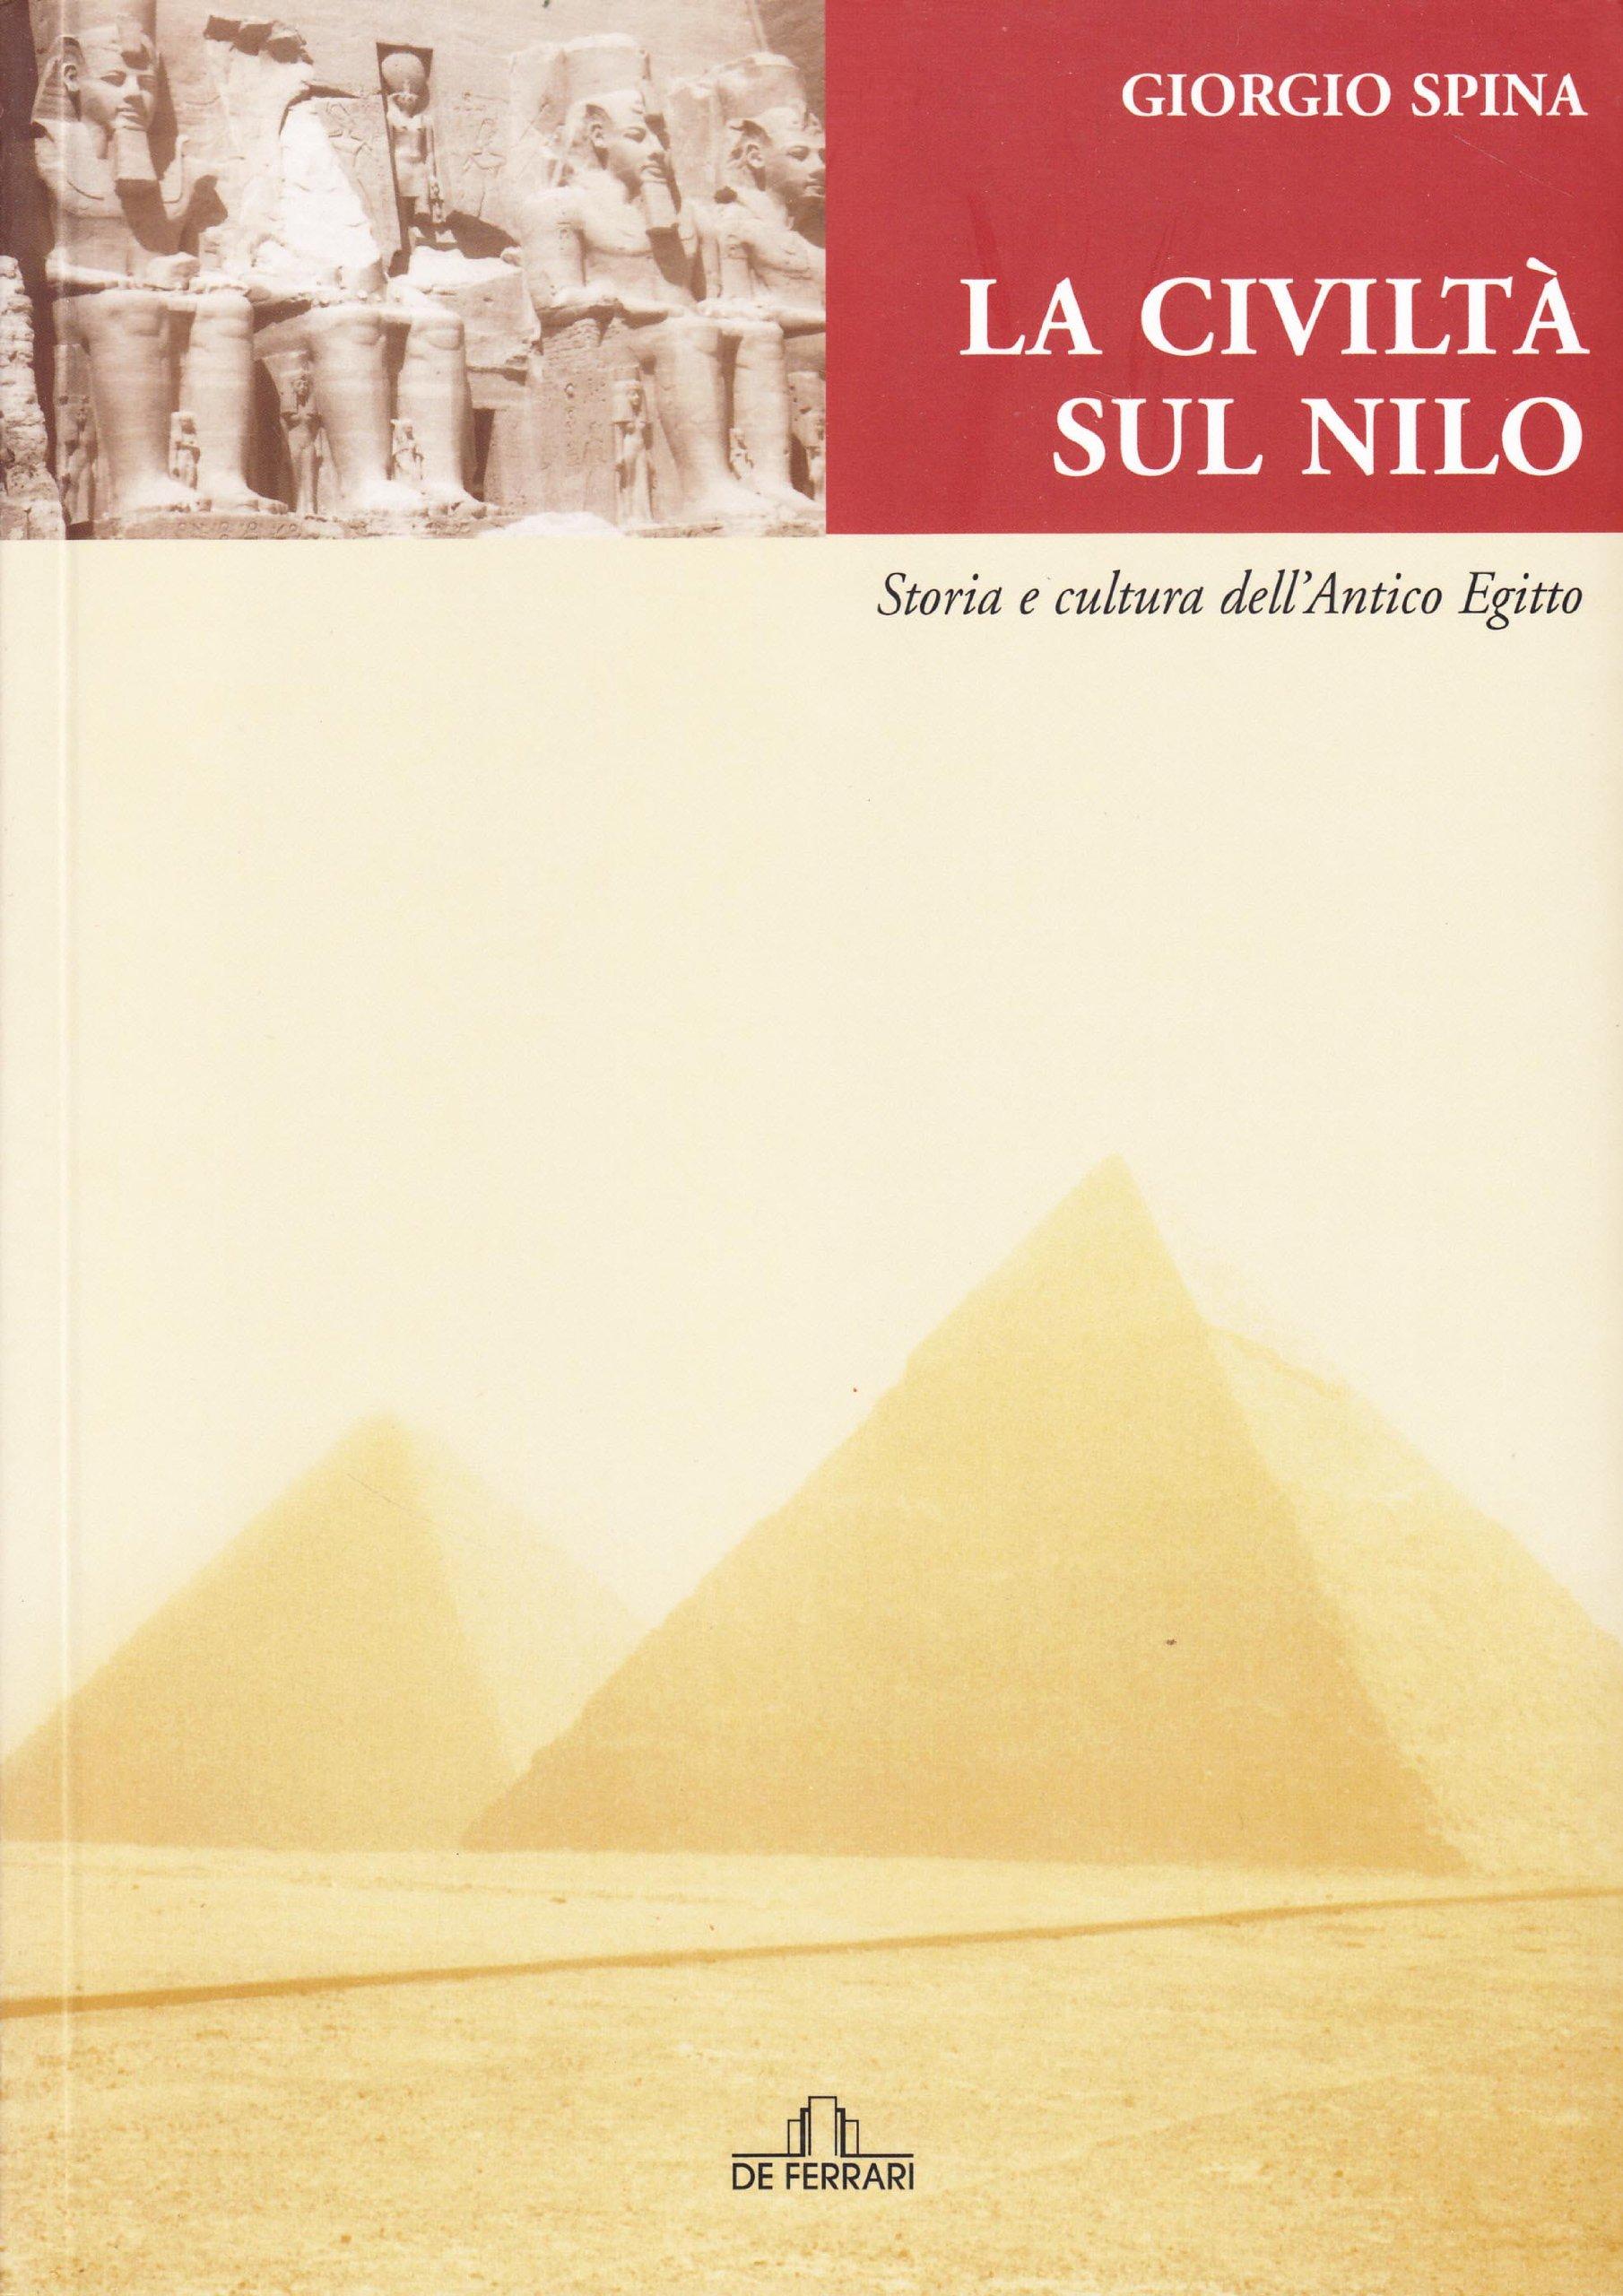 La civiltà sul Nilo. Storia e cultura dell'antico Egitto Copertina rigida – 6 mag 2008 Giorgio Spina De Ferrari 8871729226 Egittologia